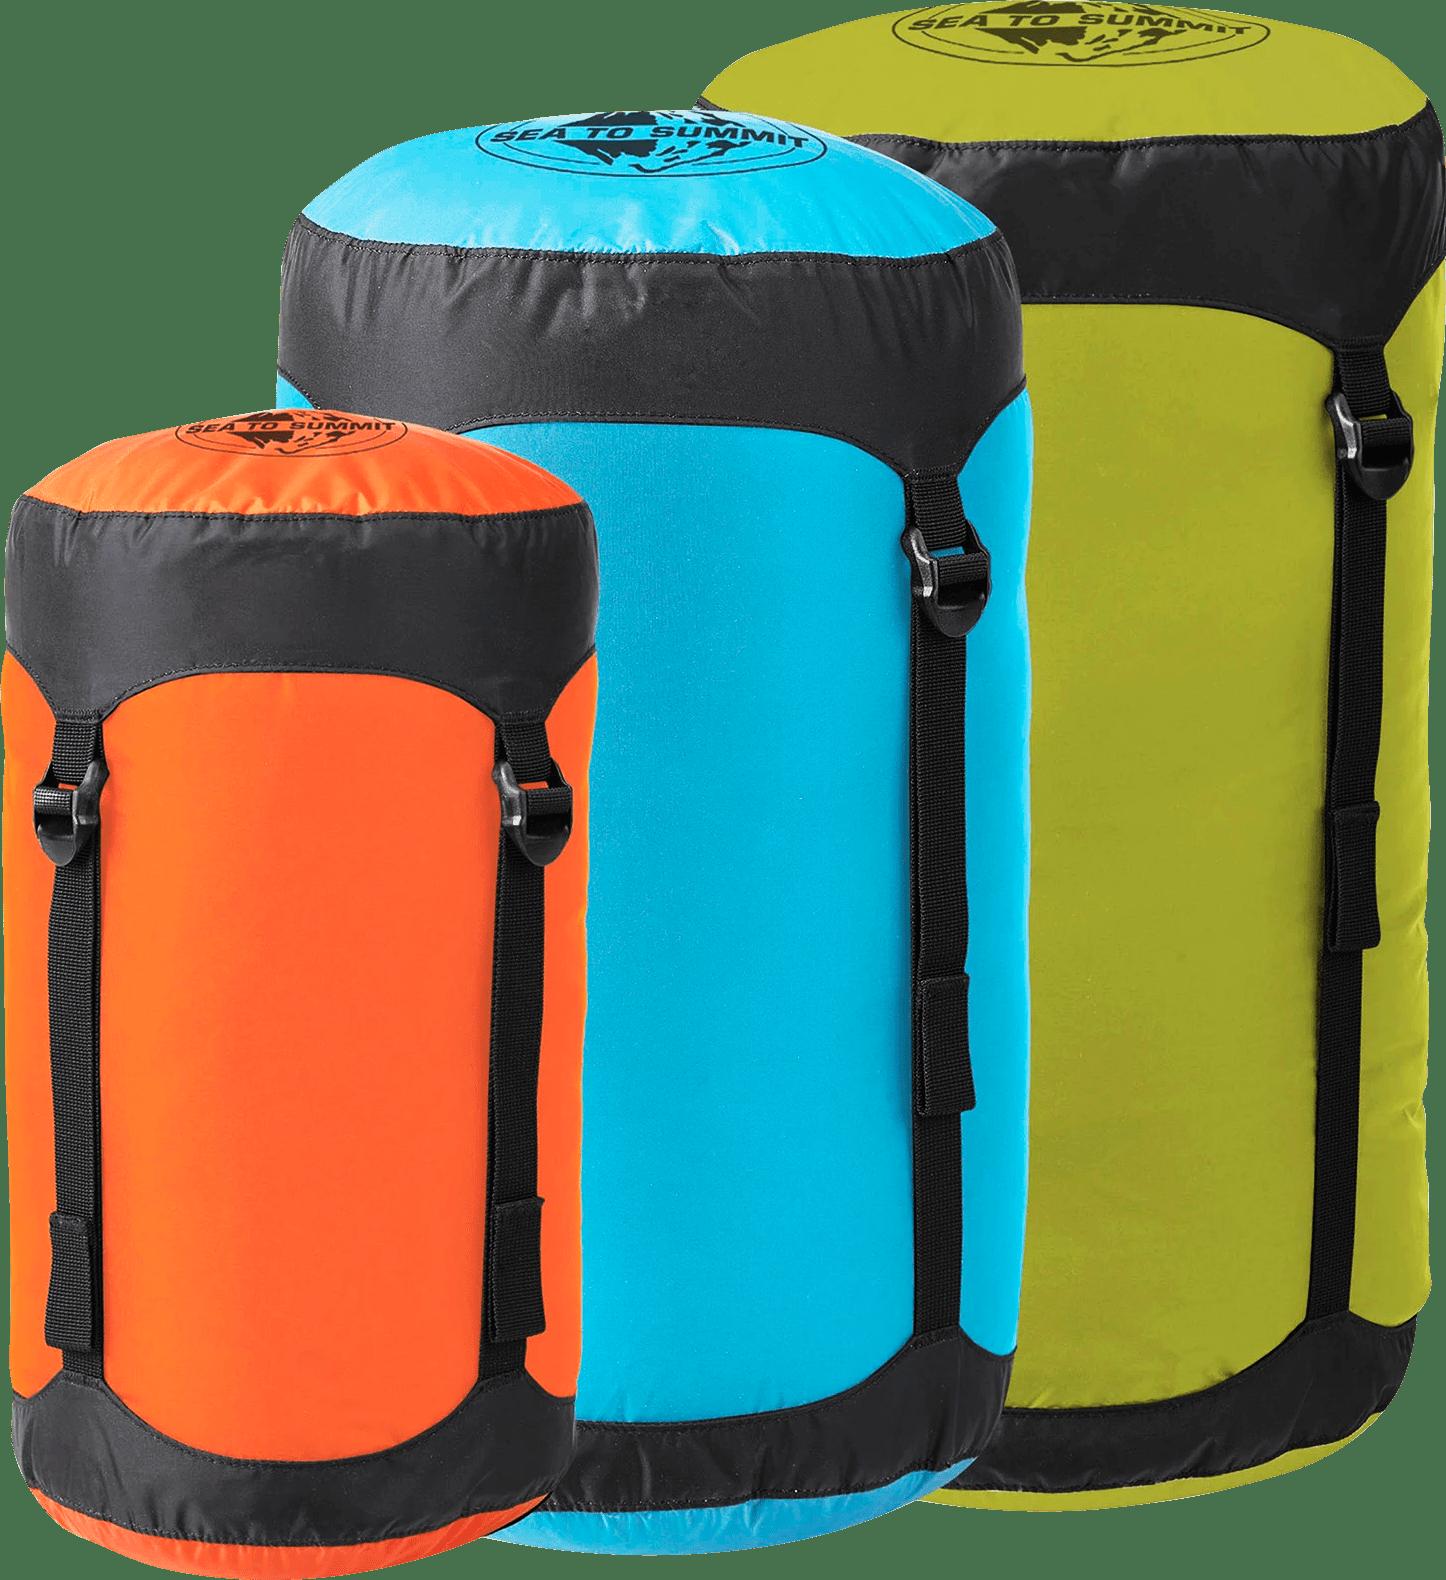 Sea To Summit - Nylon Compression Sack Present